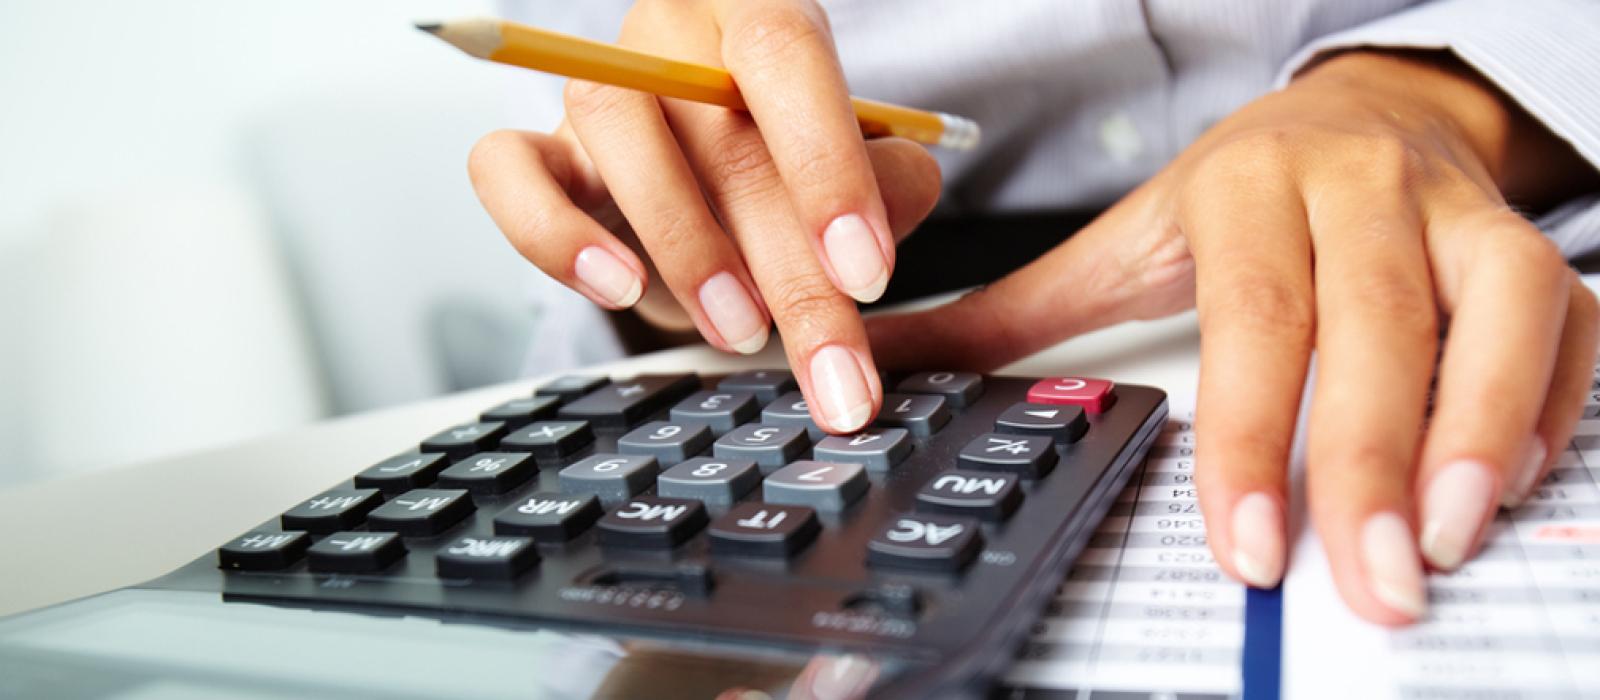 Завещание или дарственная - что лучше и дешевле?